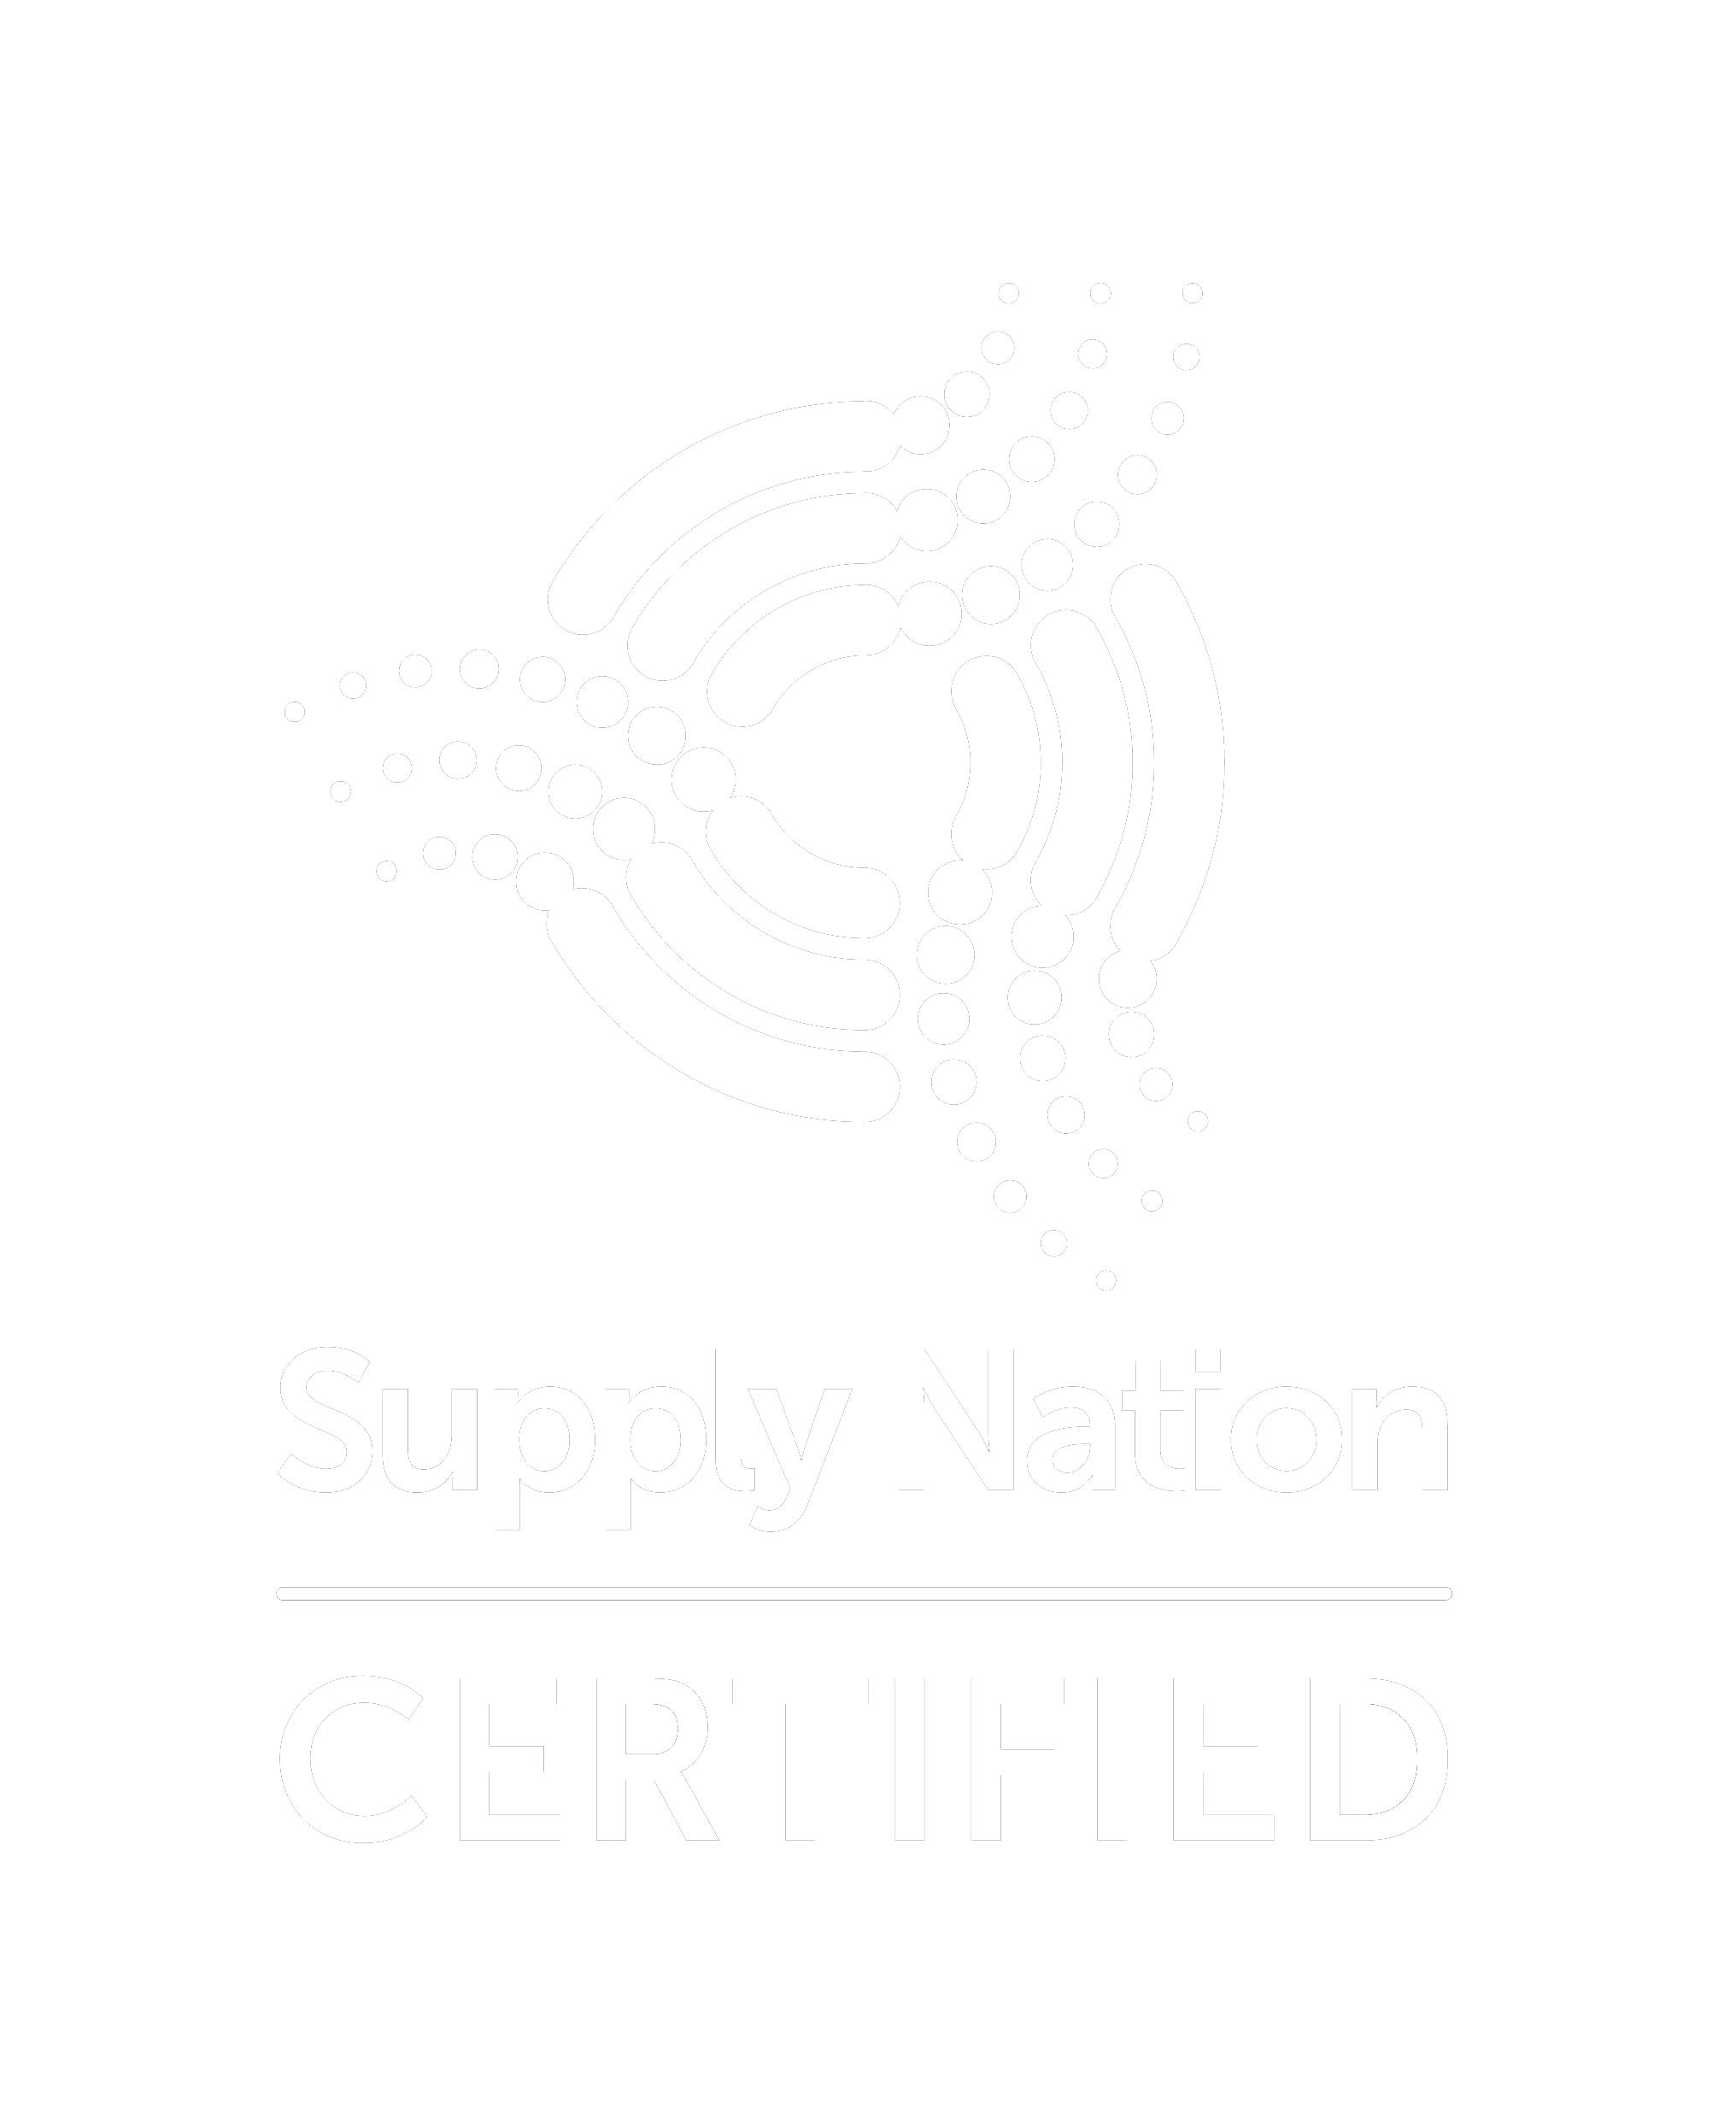 GWS - Supply Nation